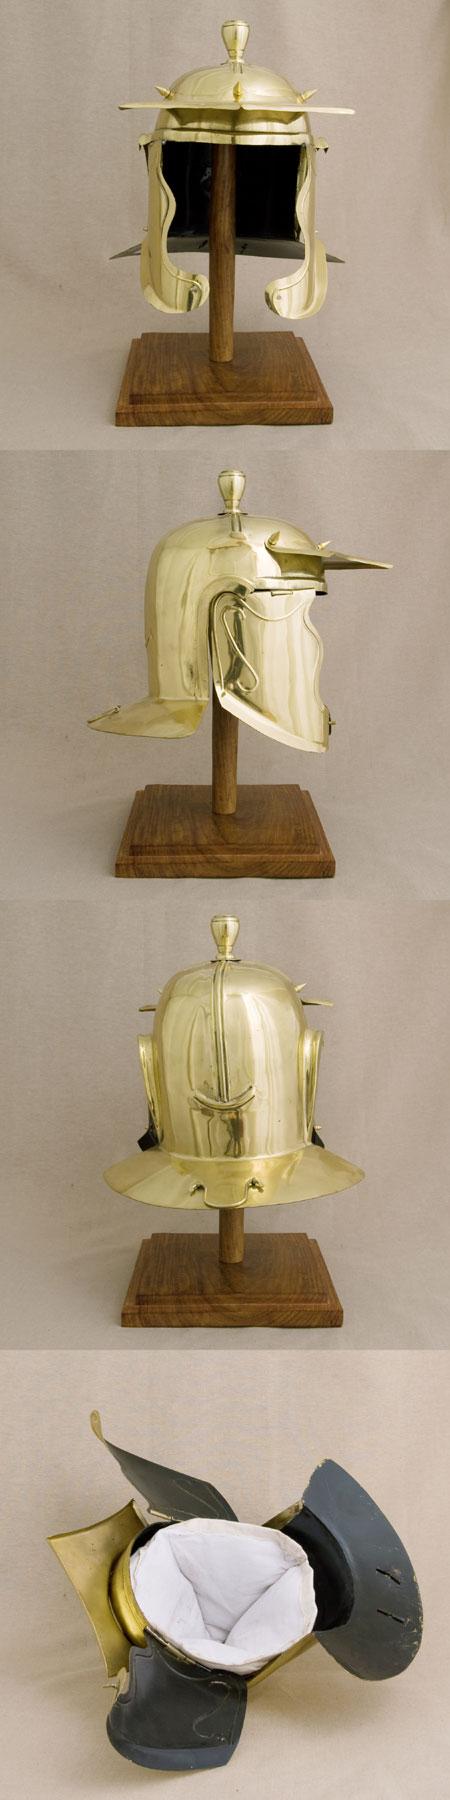 Roman Buch helmet (200  - 300 AD) for reenactors